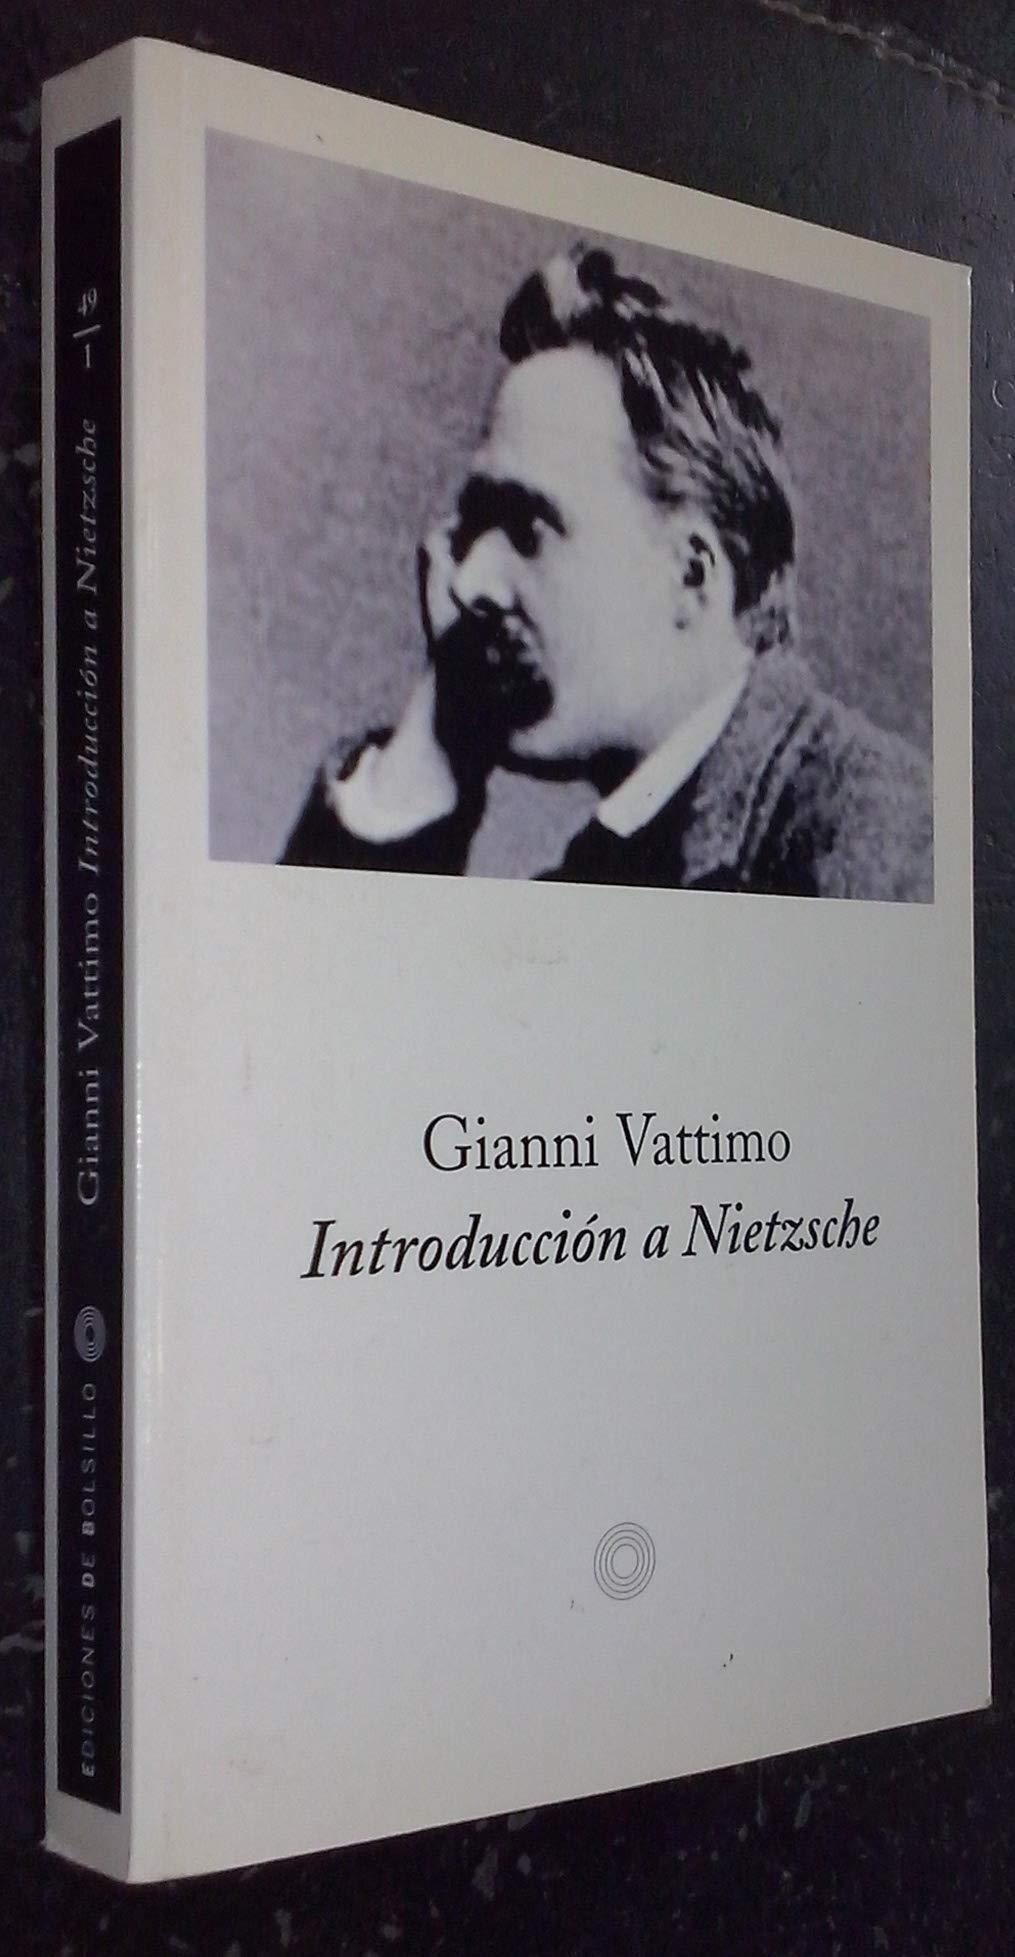 Introducción a Nietzsche (EDICIONES DE BOLSILLO): Amazon.es: Vattimo, Gianni: Libros